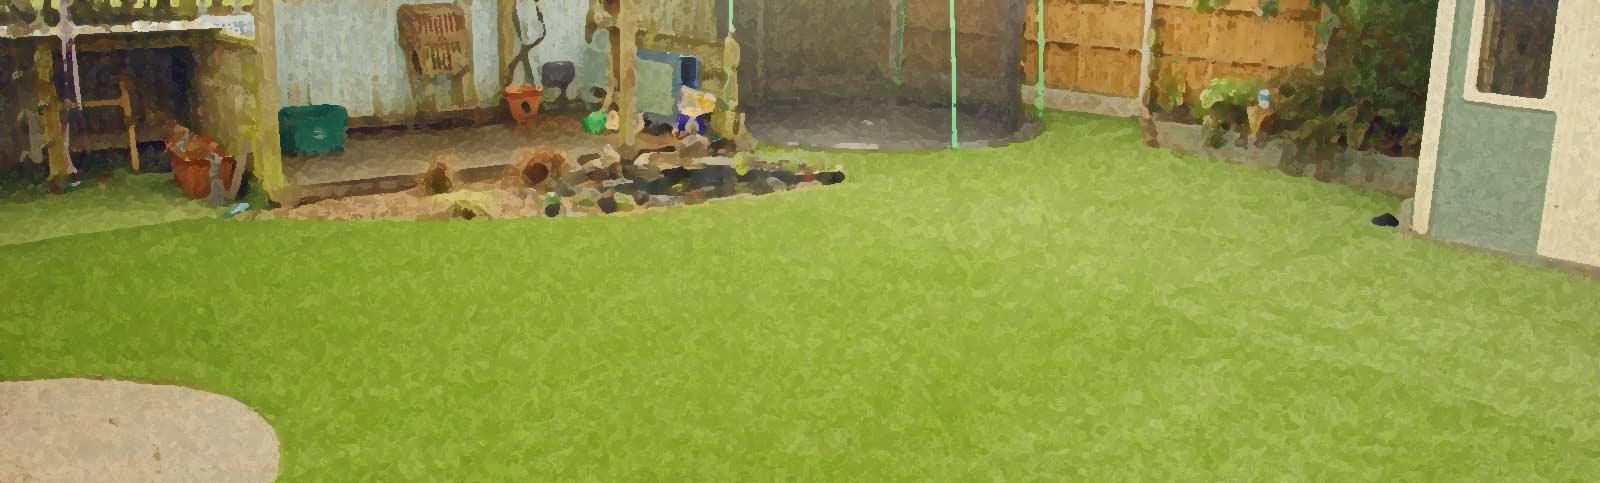 Benefits of Modern Artificial Grass